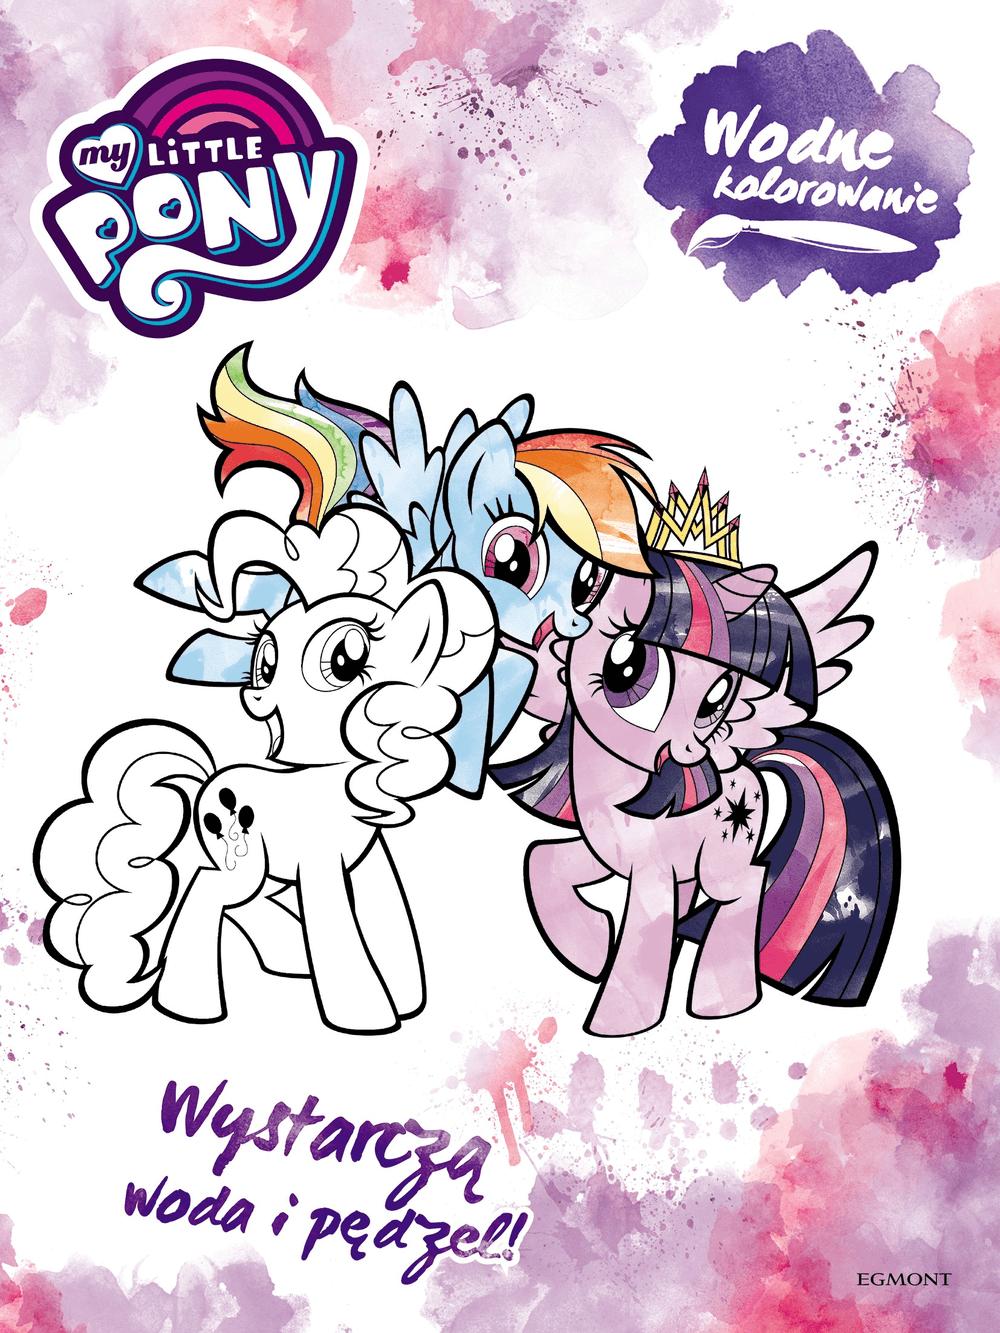 My Little Pony Wodne Kolorowanie Smyk Com